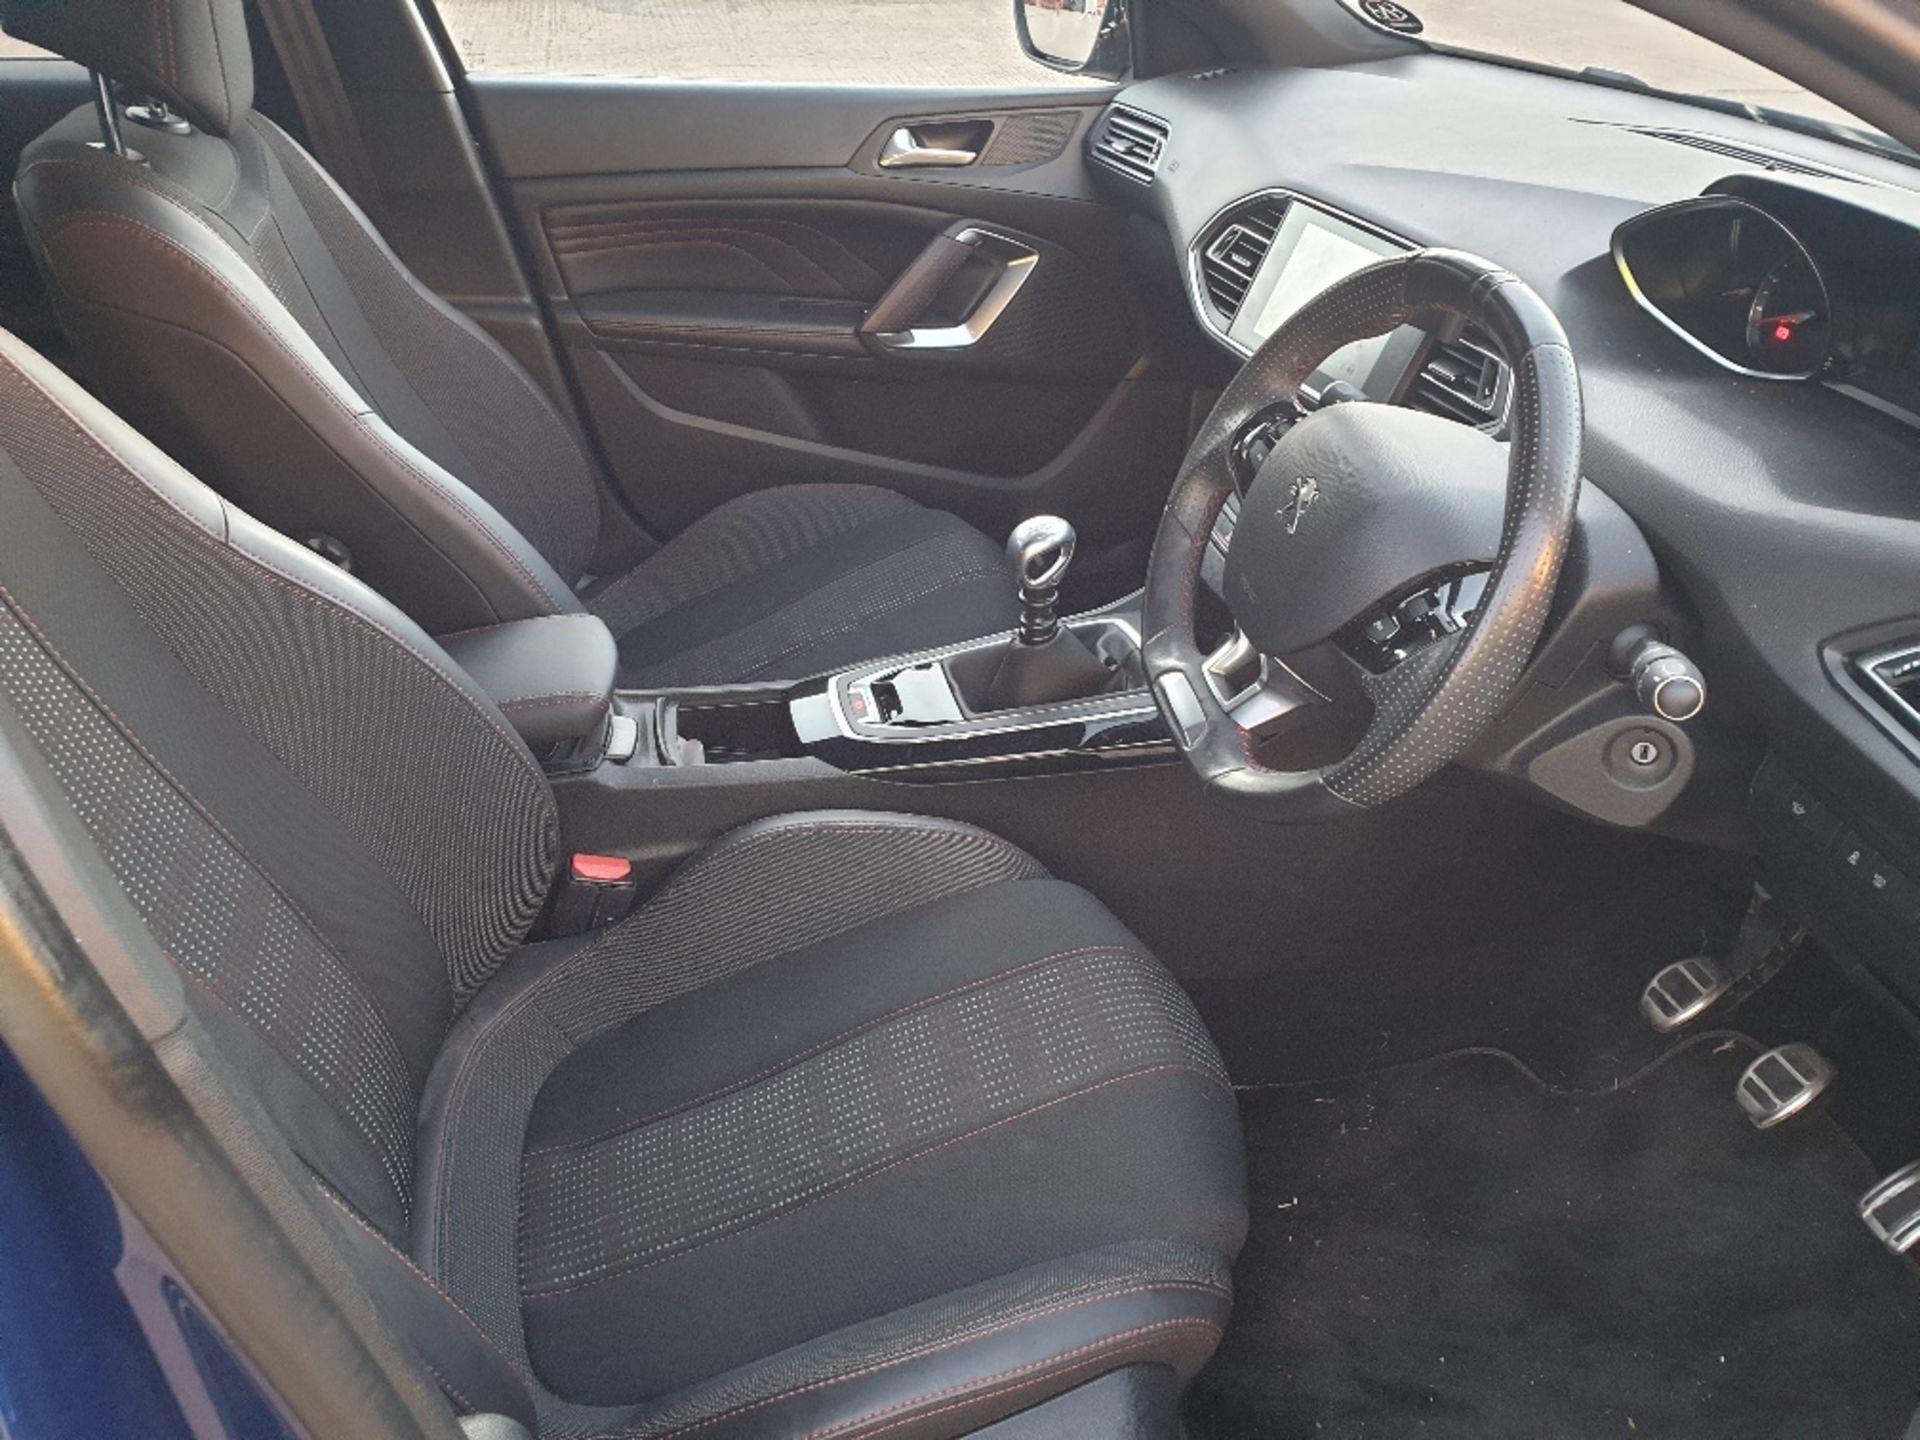 BLUE PEUGEOT 308 GT LINE. Reg : MJ66 UCN, Mileage : 14470 Details: WITH 2 X KEYS WITH V5 MOT UNTIL - Image 7 of 12